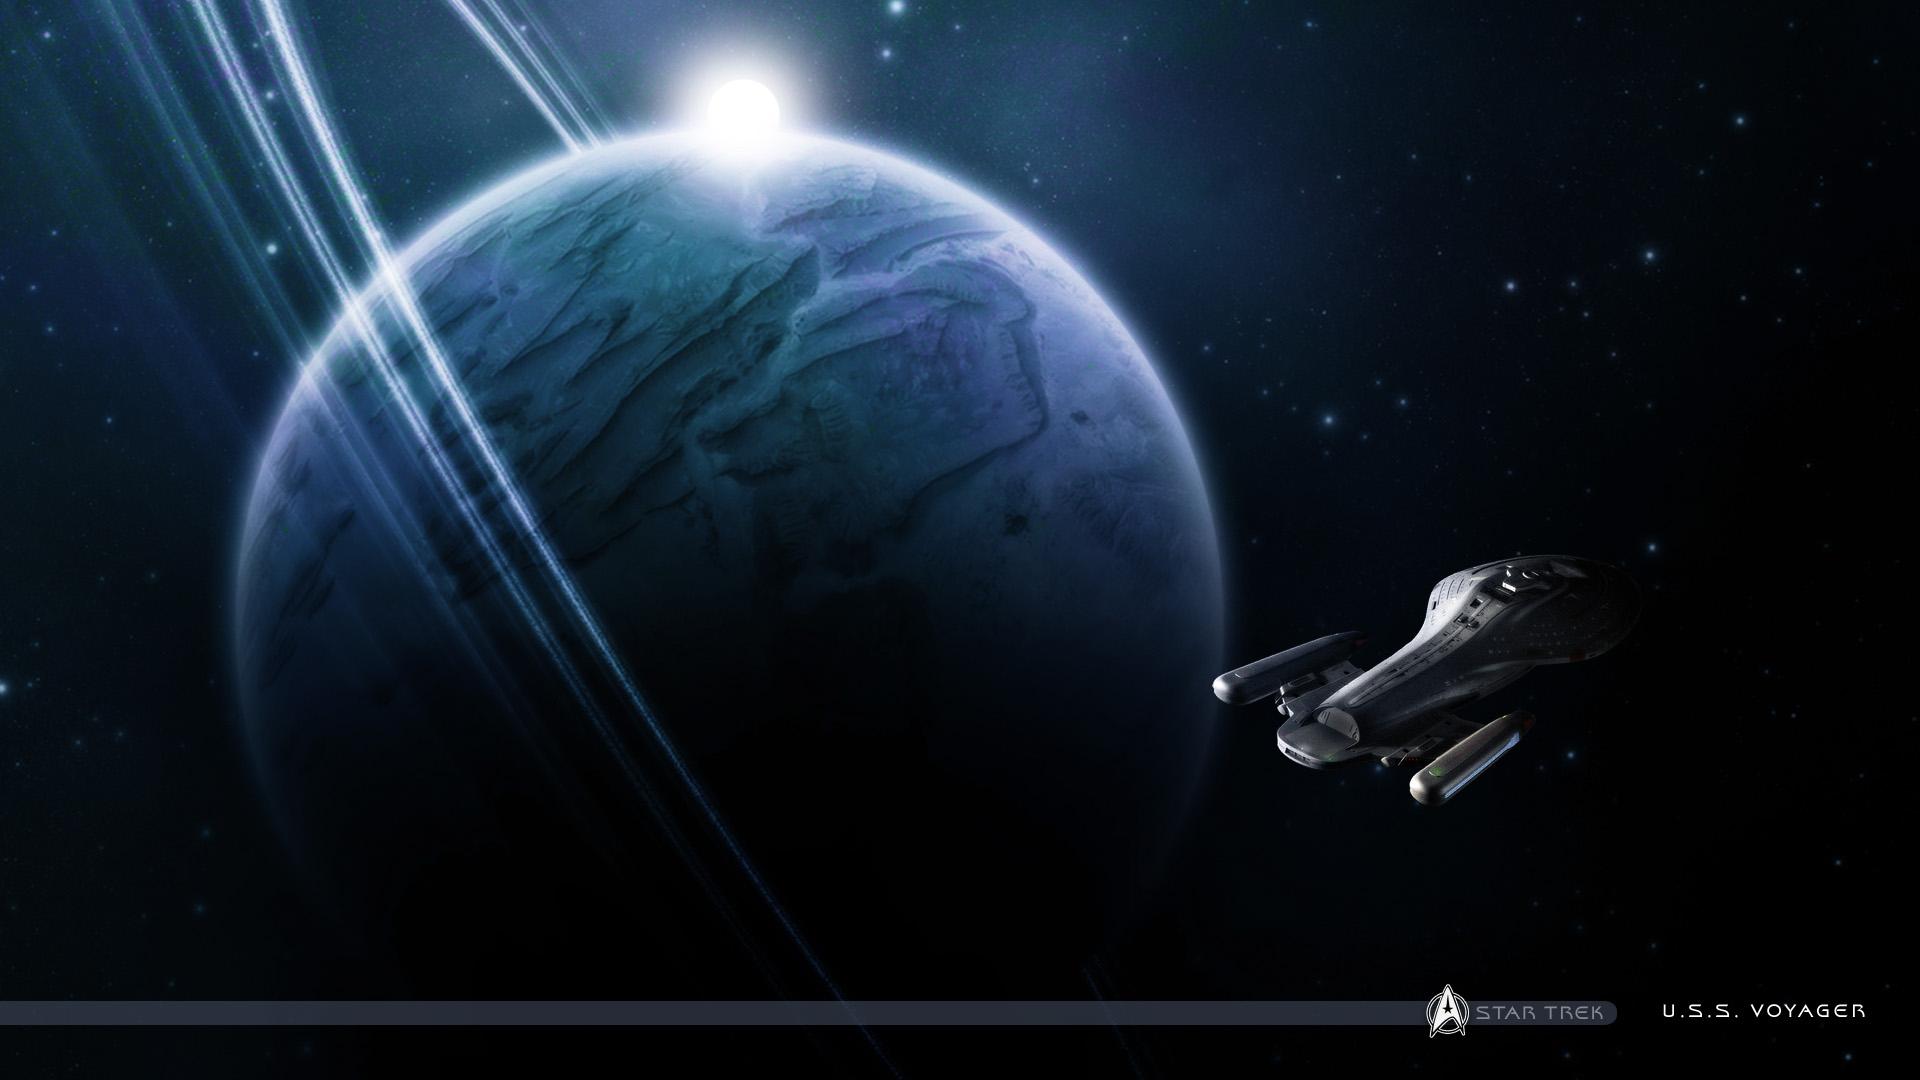 Star trek voyager spacecraft - Star Trek Voyager Wallpaper 166358